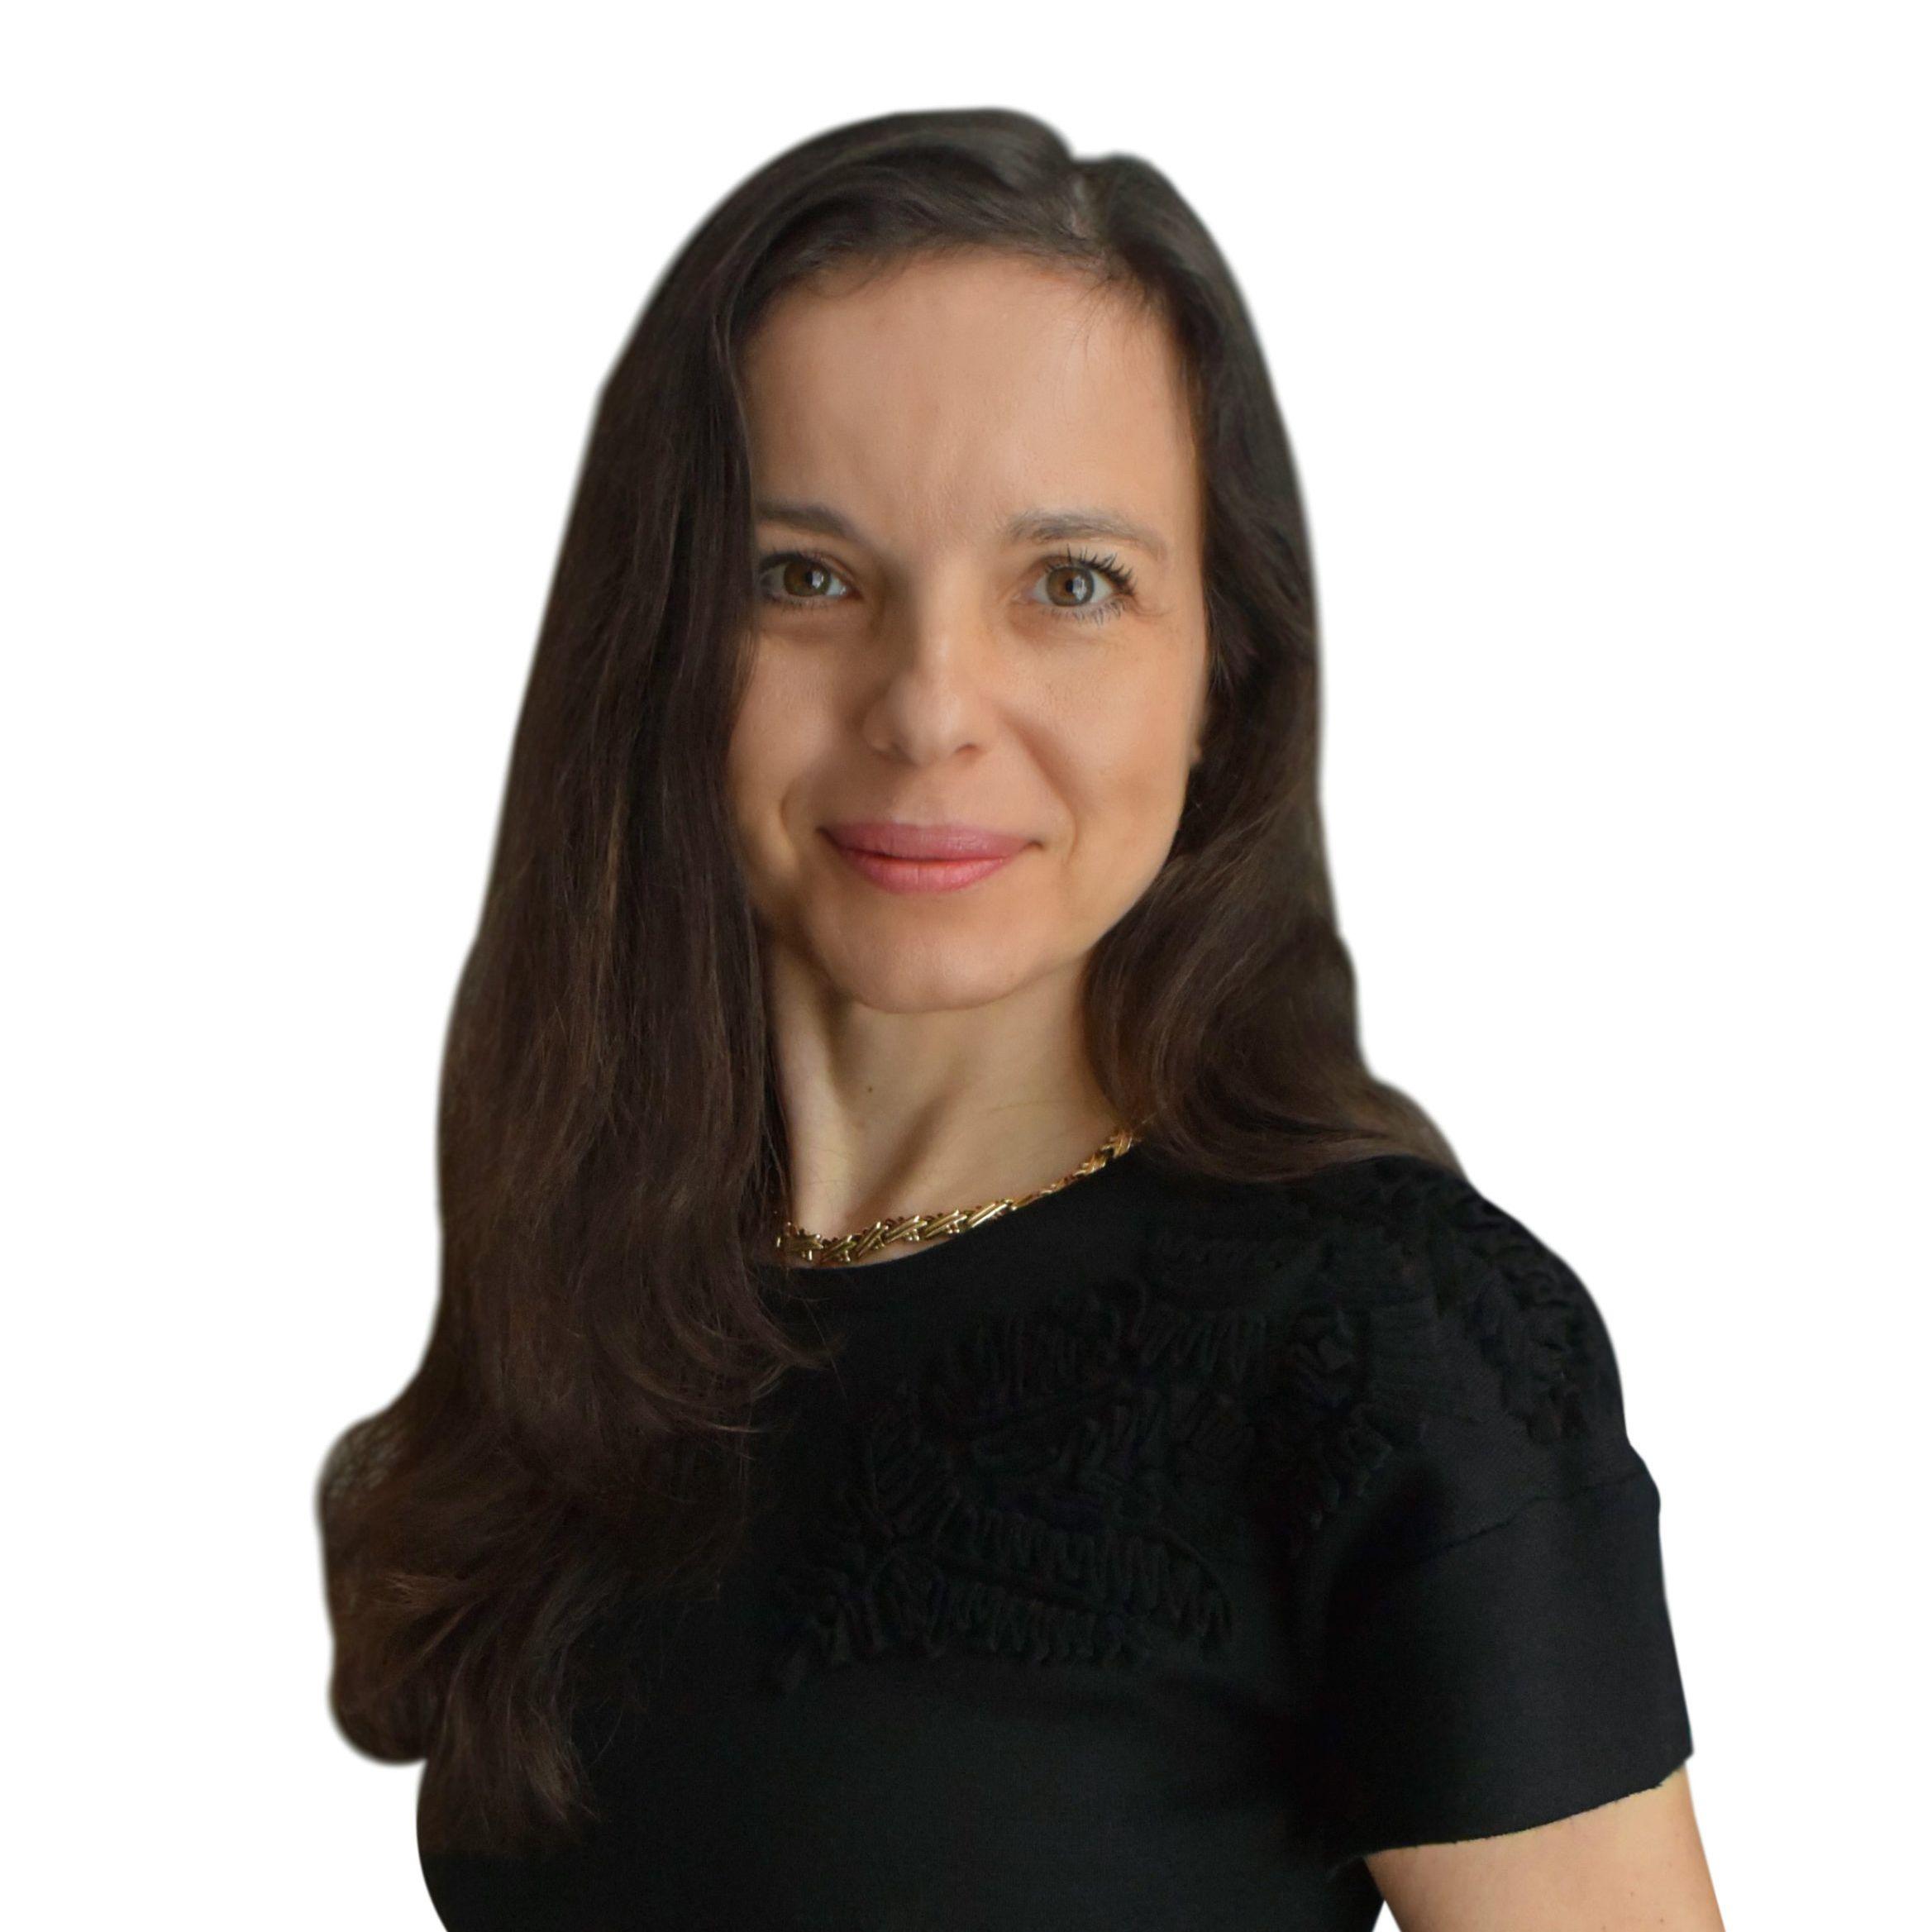 Joanna Kunikowska